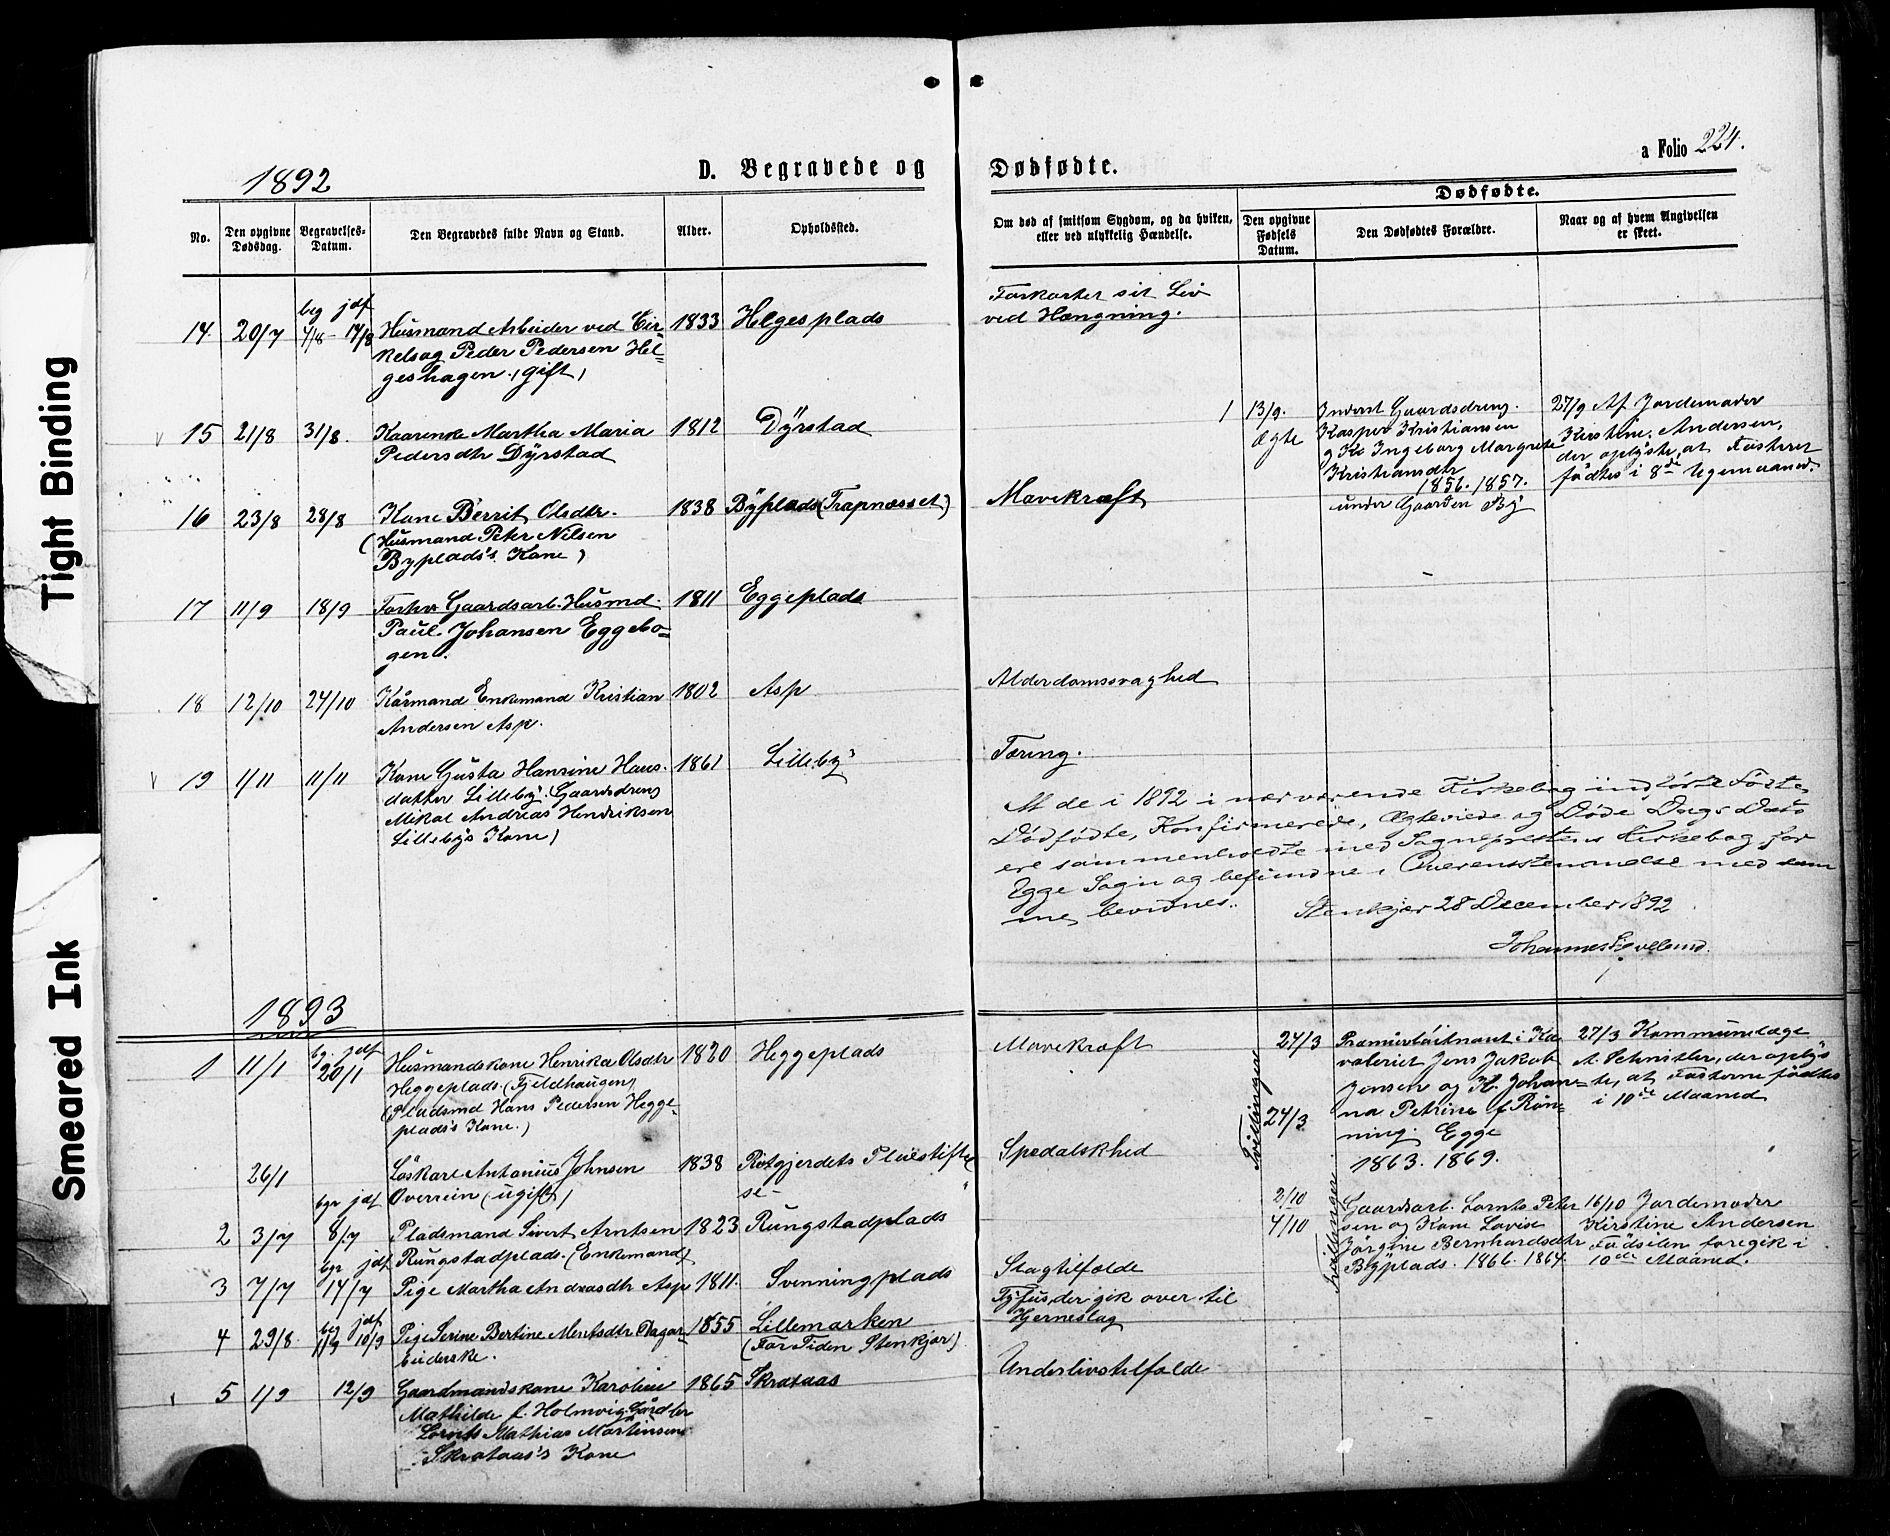 SAT, Ministerialprotokoller, klokkerbøker og fødselsregistre - Nord-Trøndelag, 740/L0380: Klokkerbok nr. 740C01, 1868-1902, s. 224